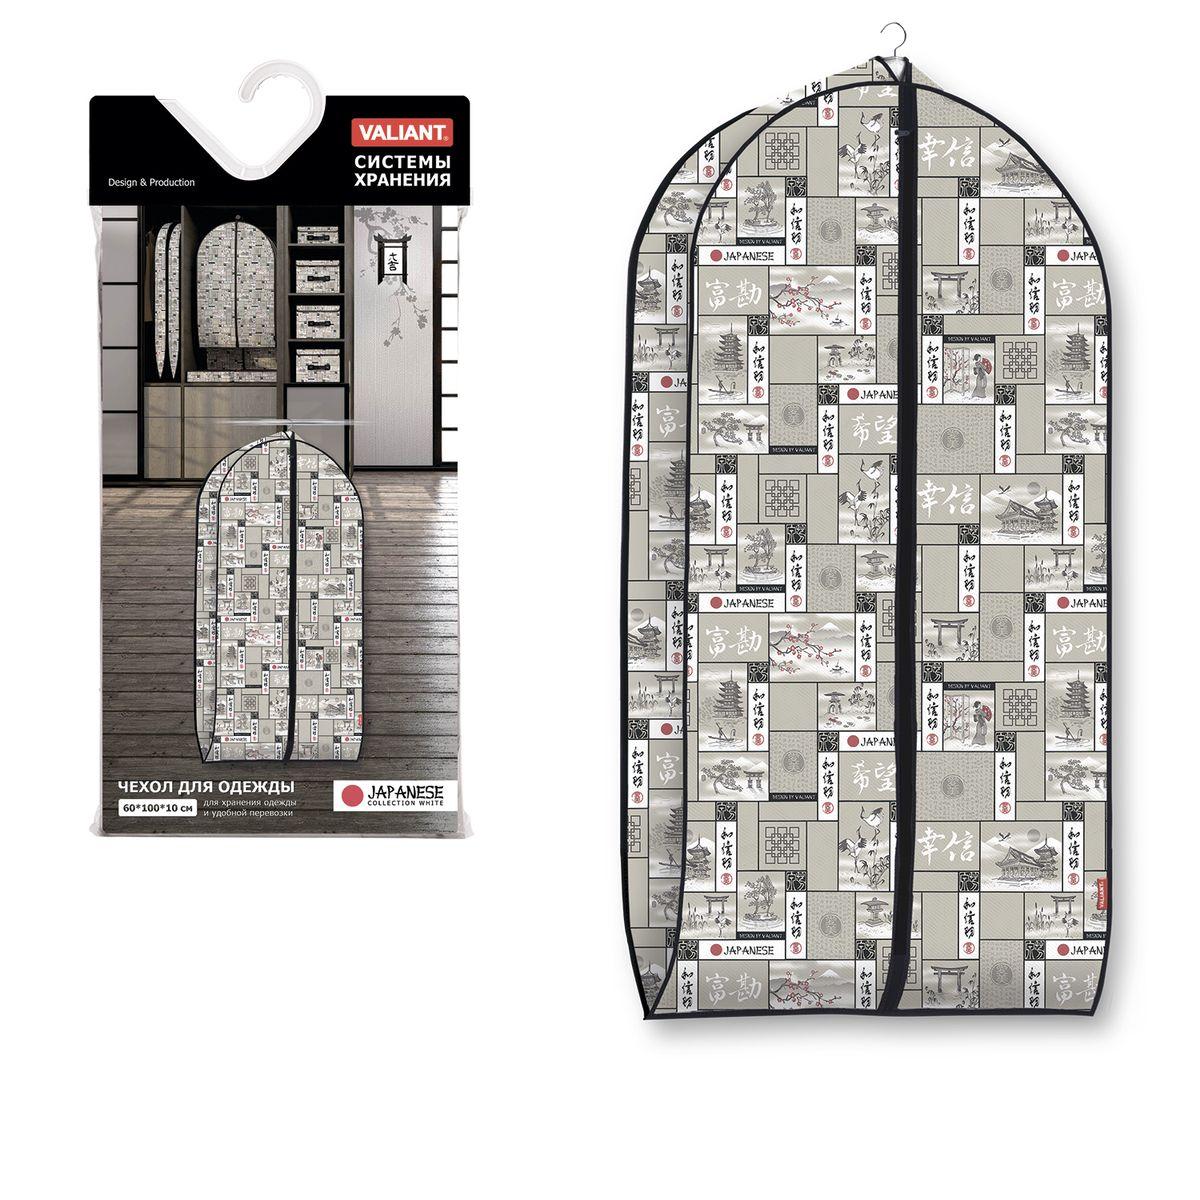 Чехол для одежды Valiant Japanese White, объемный, 60 х 100 х 10 см25051 7_желтыйЧехол для одежды Valiant Japanese White изготовлен из высококачественного нетканого материала (спанбонда), который обеспечивает естественную вентиляцию, позволяя воздуху проникать внутрь, но не пропускает пыль. Чехол очень удобен в использовании. Наличие боковой вставки увеличивает объем чехла, что позволяет хранить крупные объемные вещи. Чехол закрывается на застежку-молнию. Идеально подойдет для хранения одежды и удобной перевозки. Оригинальный дизайн придется по вкусу ценительницам эстетичного хранения.